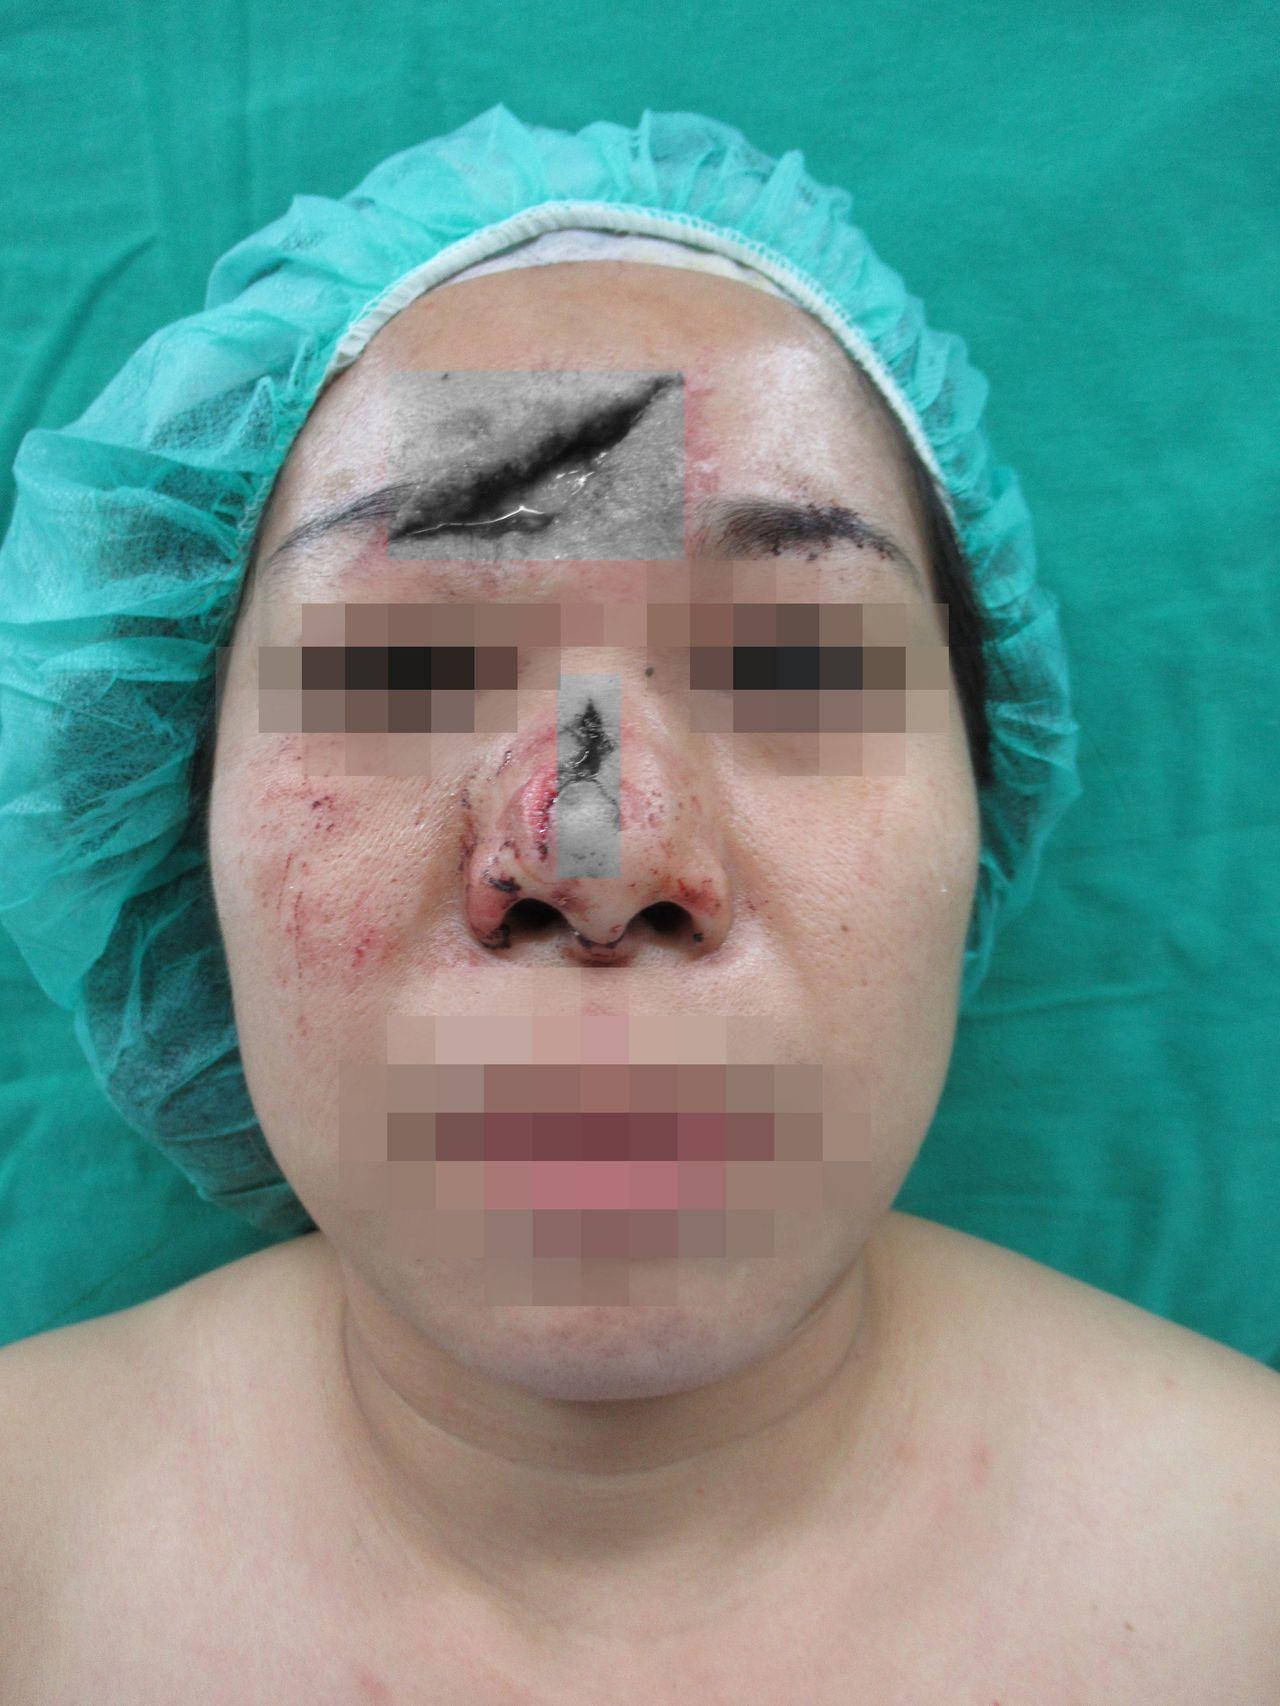 許小姐因跌倒受傷,額頭撞出大窟窿,鼻部還歪斜變形伴隨一條5公分缺損傷口。(傷口變...